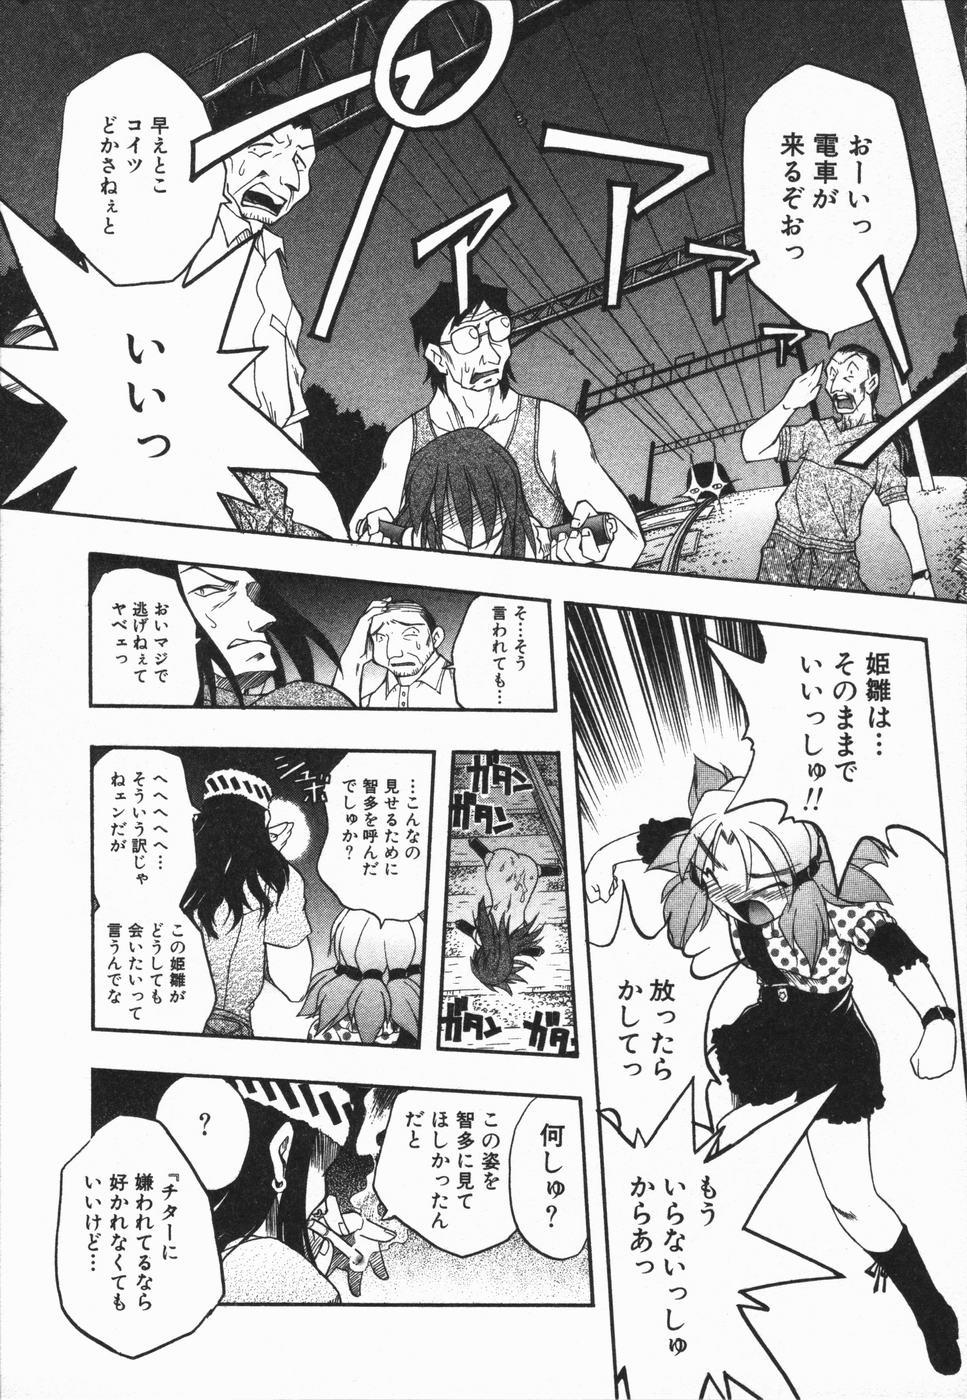 [Oka Sundome] Mebina-tachi no Gogo | -Maybe-na Afternoon- 156